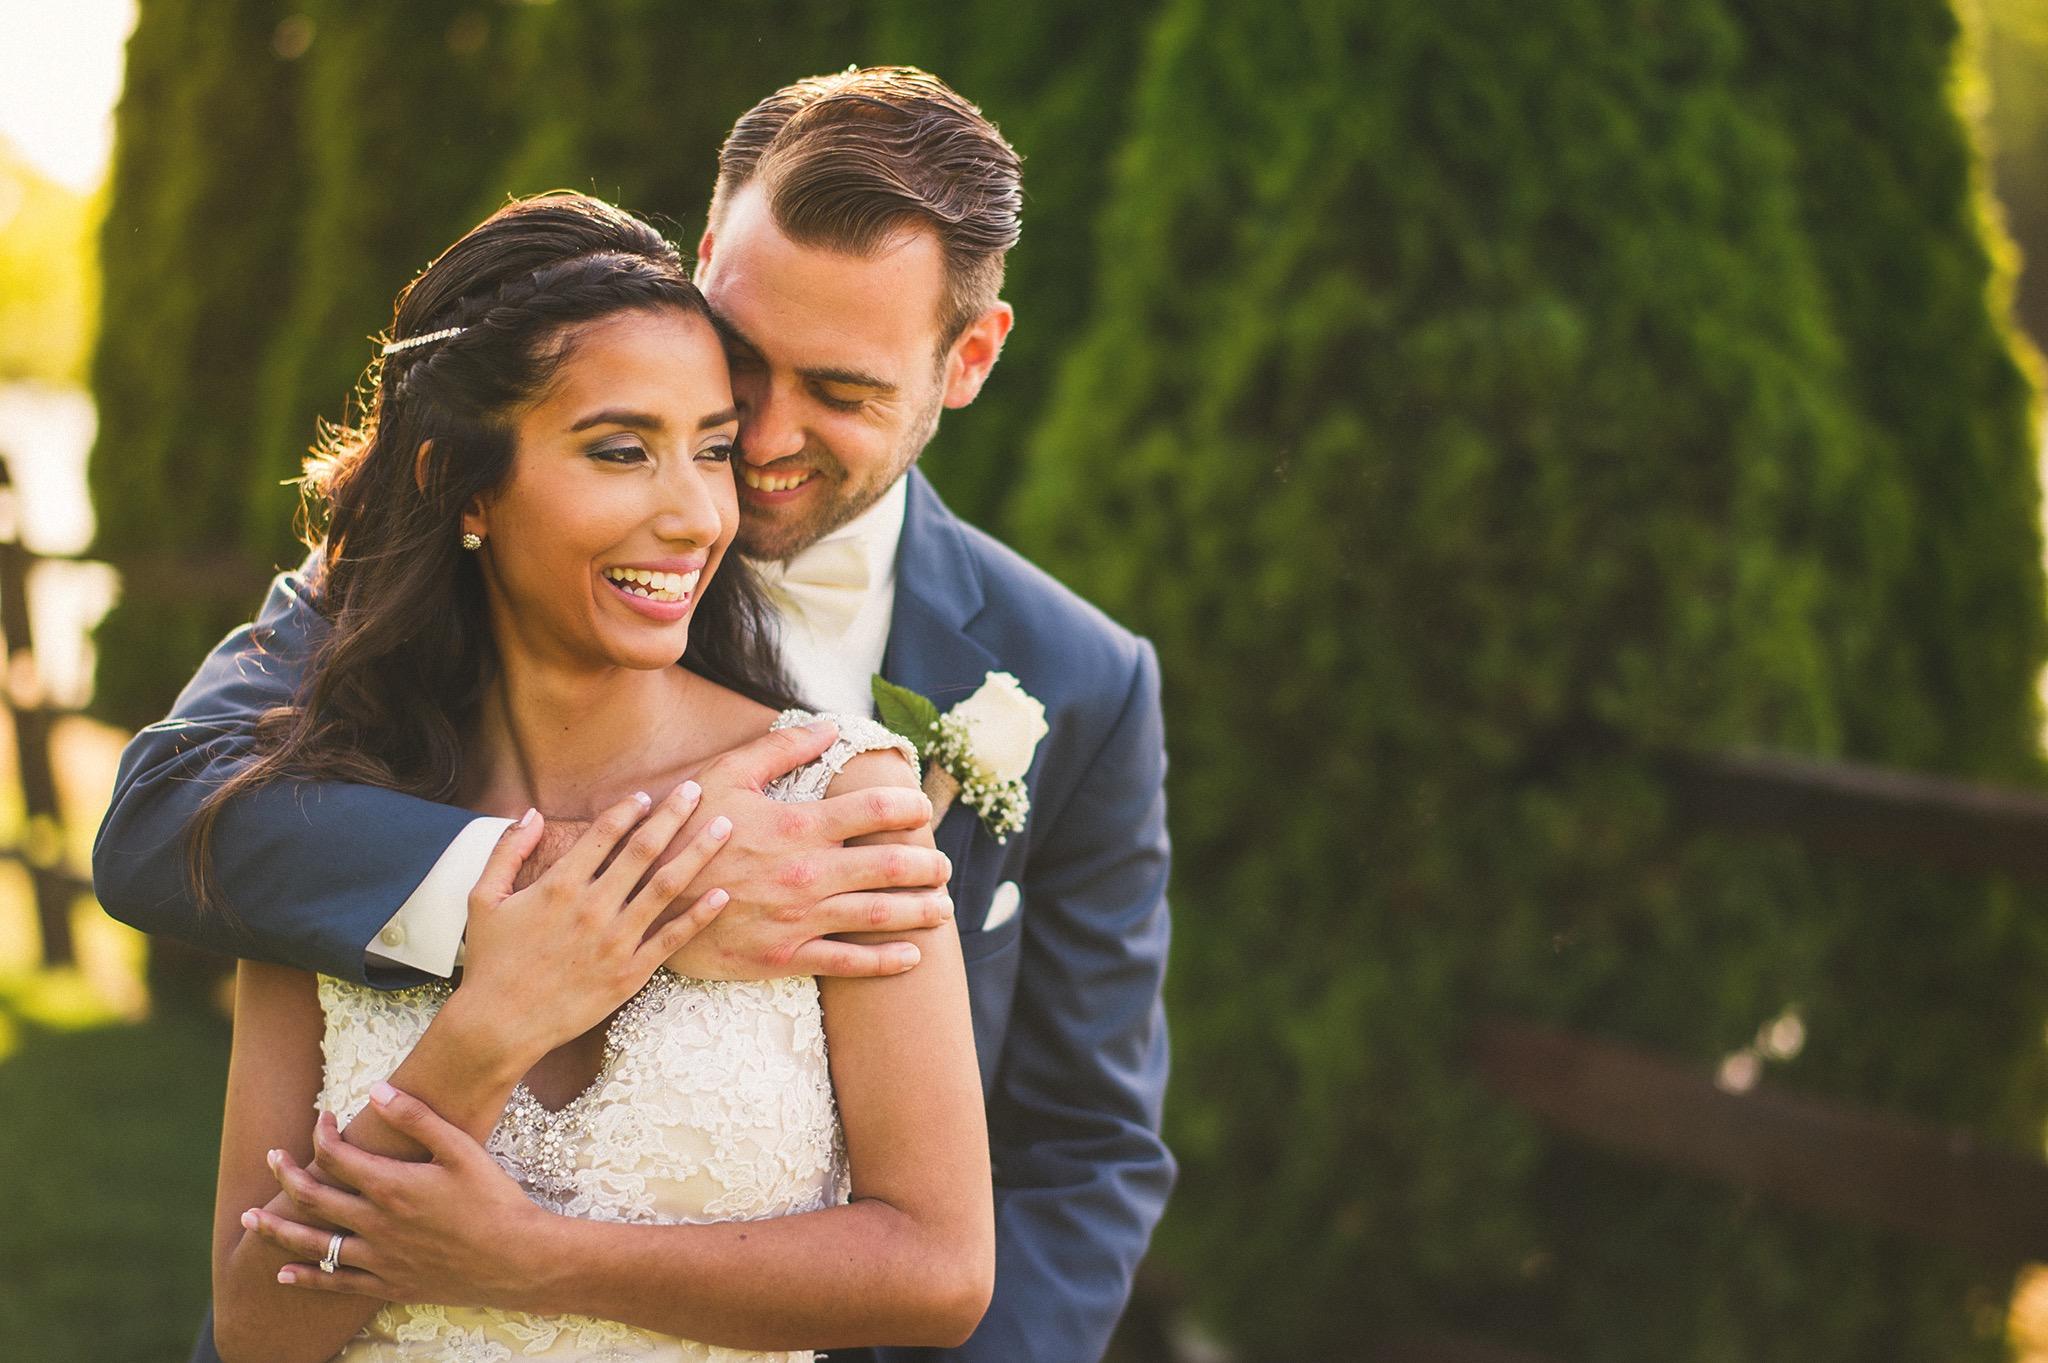 67-wedding-photographers-in-nj.jpg